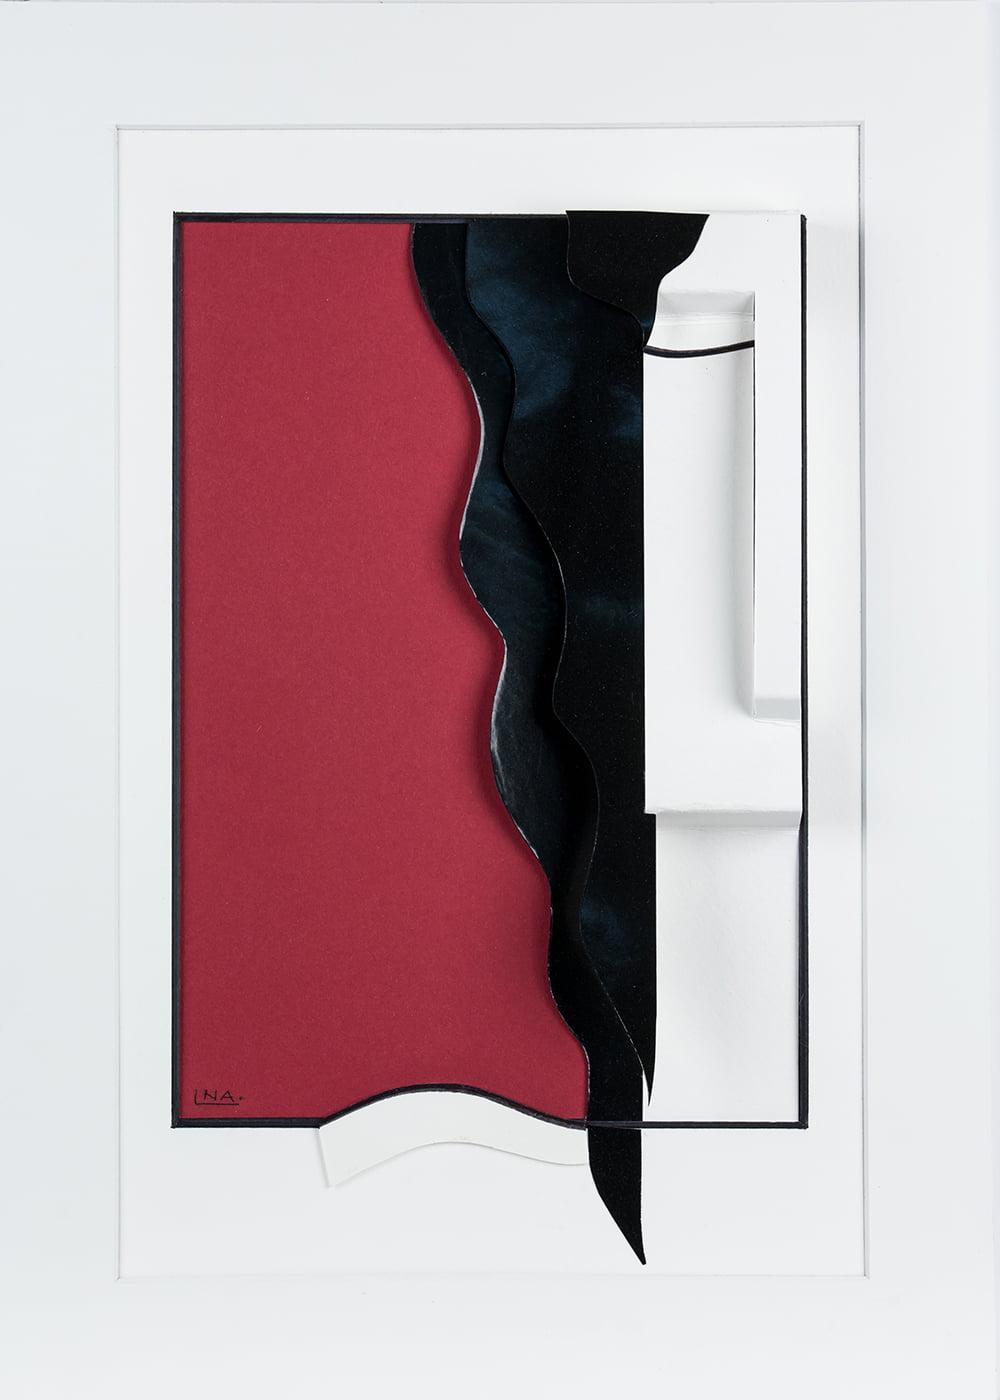 Nanou Autin, Volumes, Rouge, Papiers pliés, encre de chine 35 X 24cm - 2015